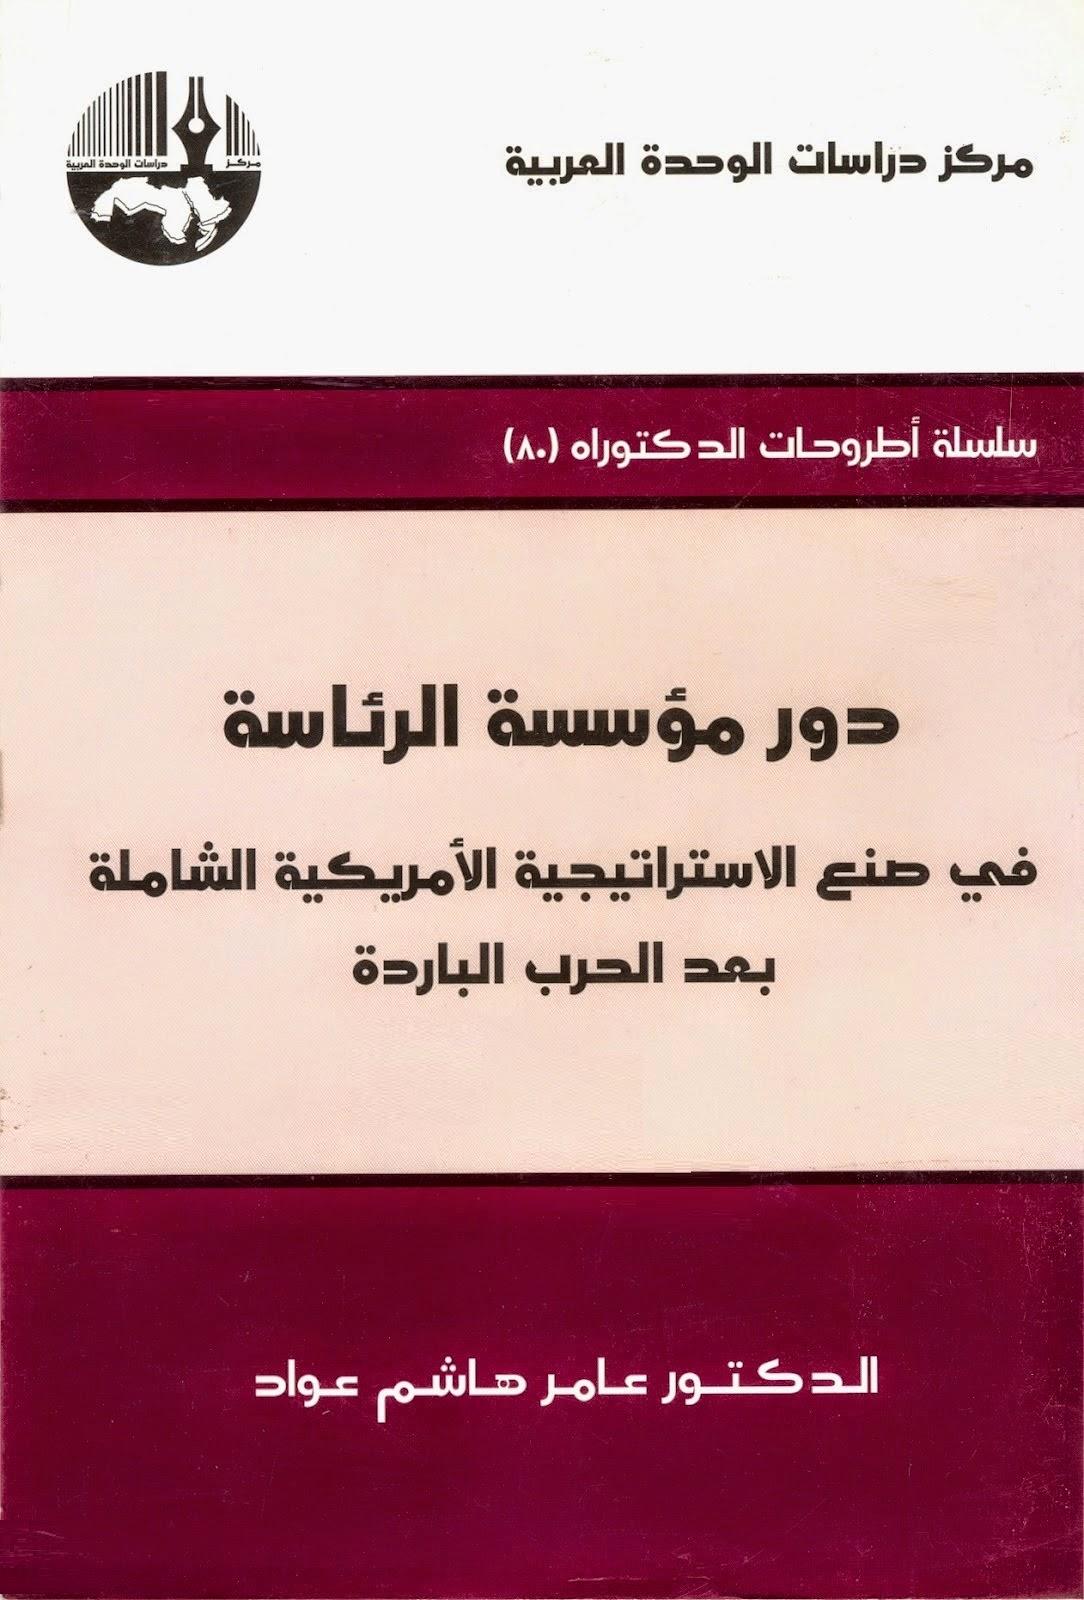 دور مؤسسة الرئاسة في صنع الاستراتيجية الأمريكية الشاملة بعد الحرب الباردة لـ عامر هاشم عواد